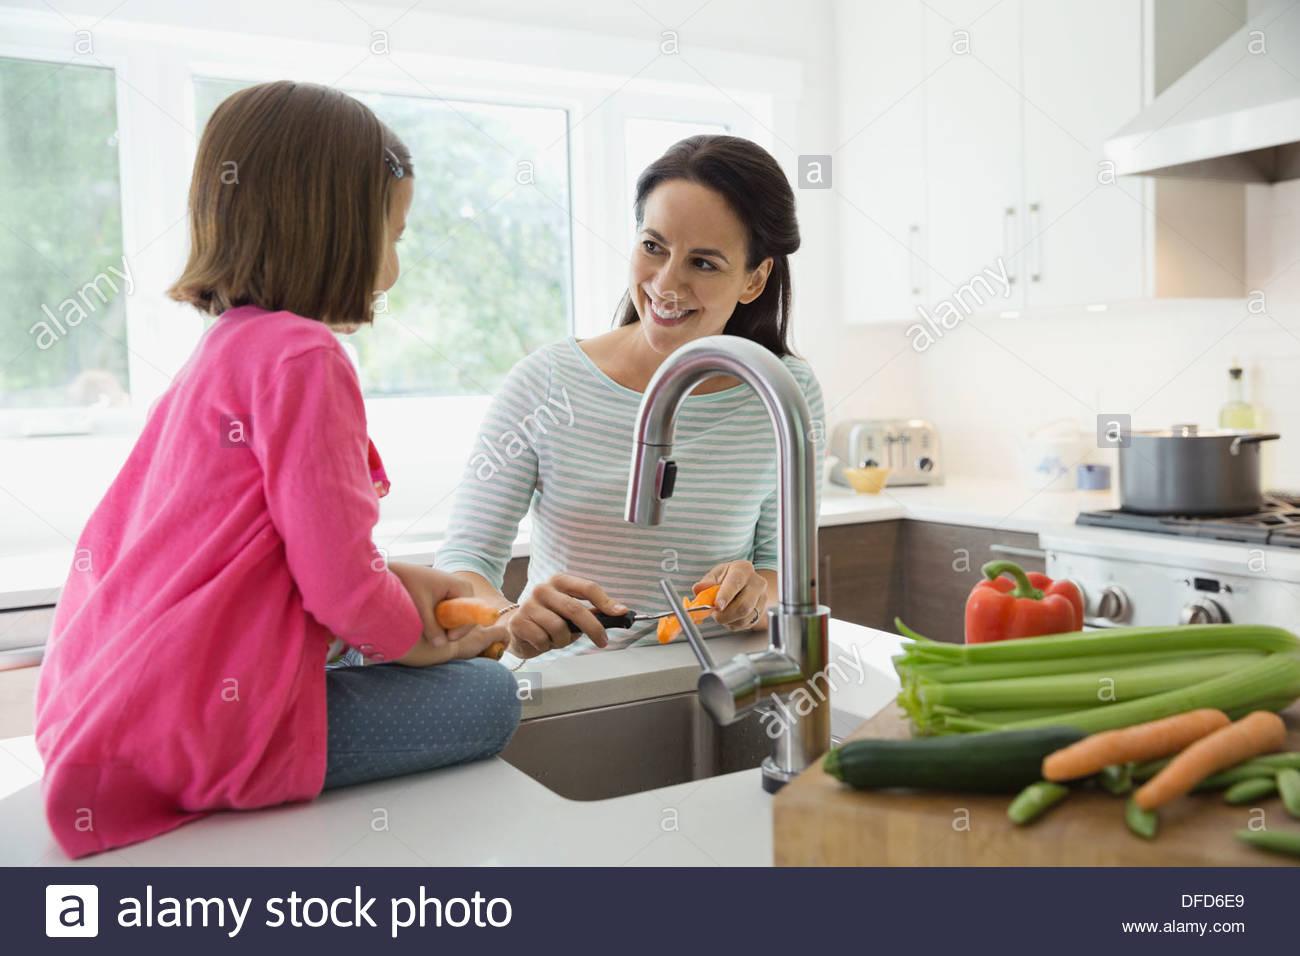 Mère et fille l'épluchage des carottes dans la cuisine Photo Stock